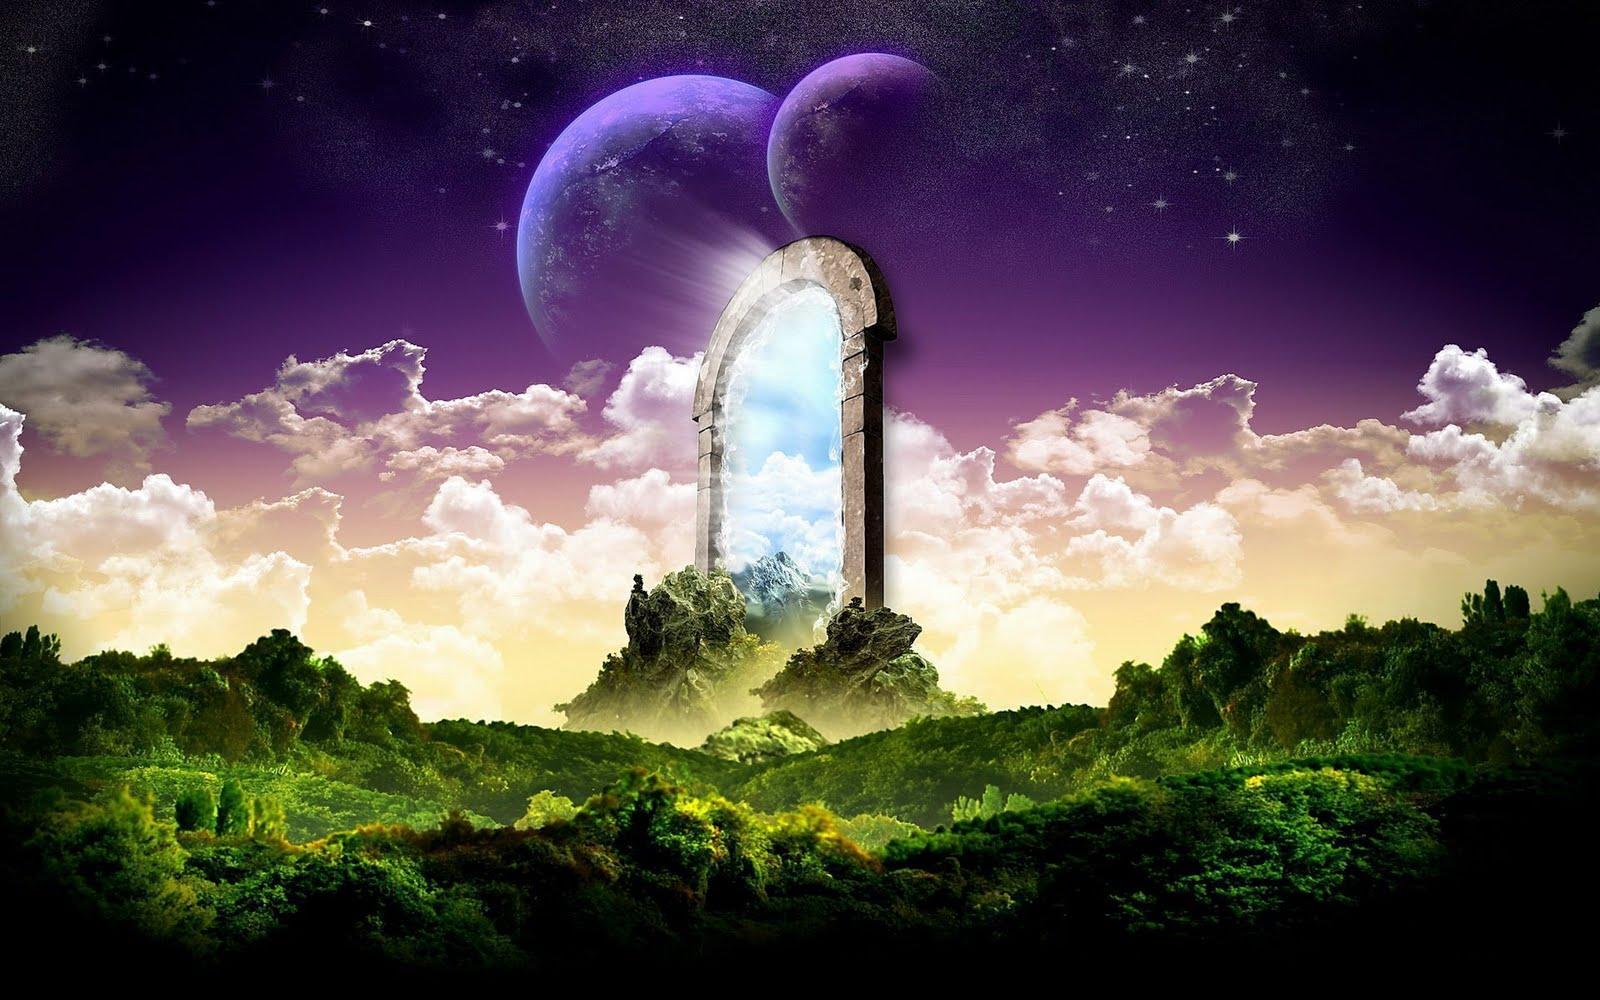 http://1.bp.blogspot.com/-S6GXyGGNSMM/TW9IWsD5pjI/AAAAAAAADcw/AhrWgchLC5Y/s1600/fantasy_art_scenery_wallpaper_sven_sauer_07.jpg